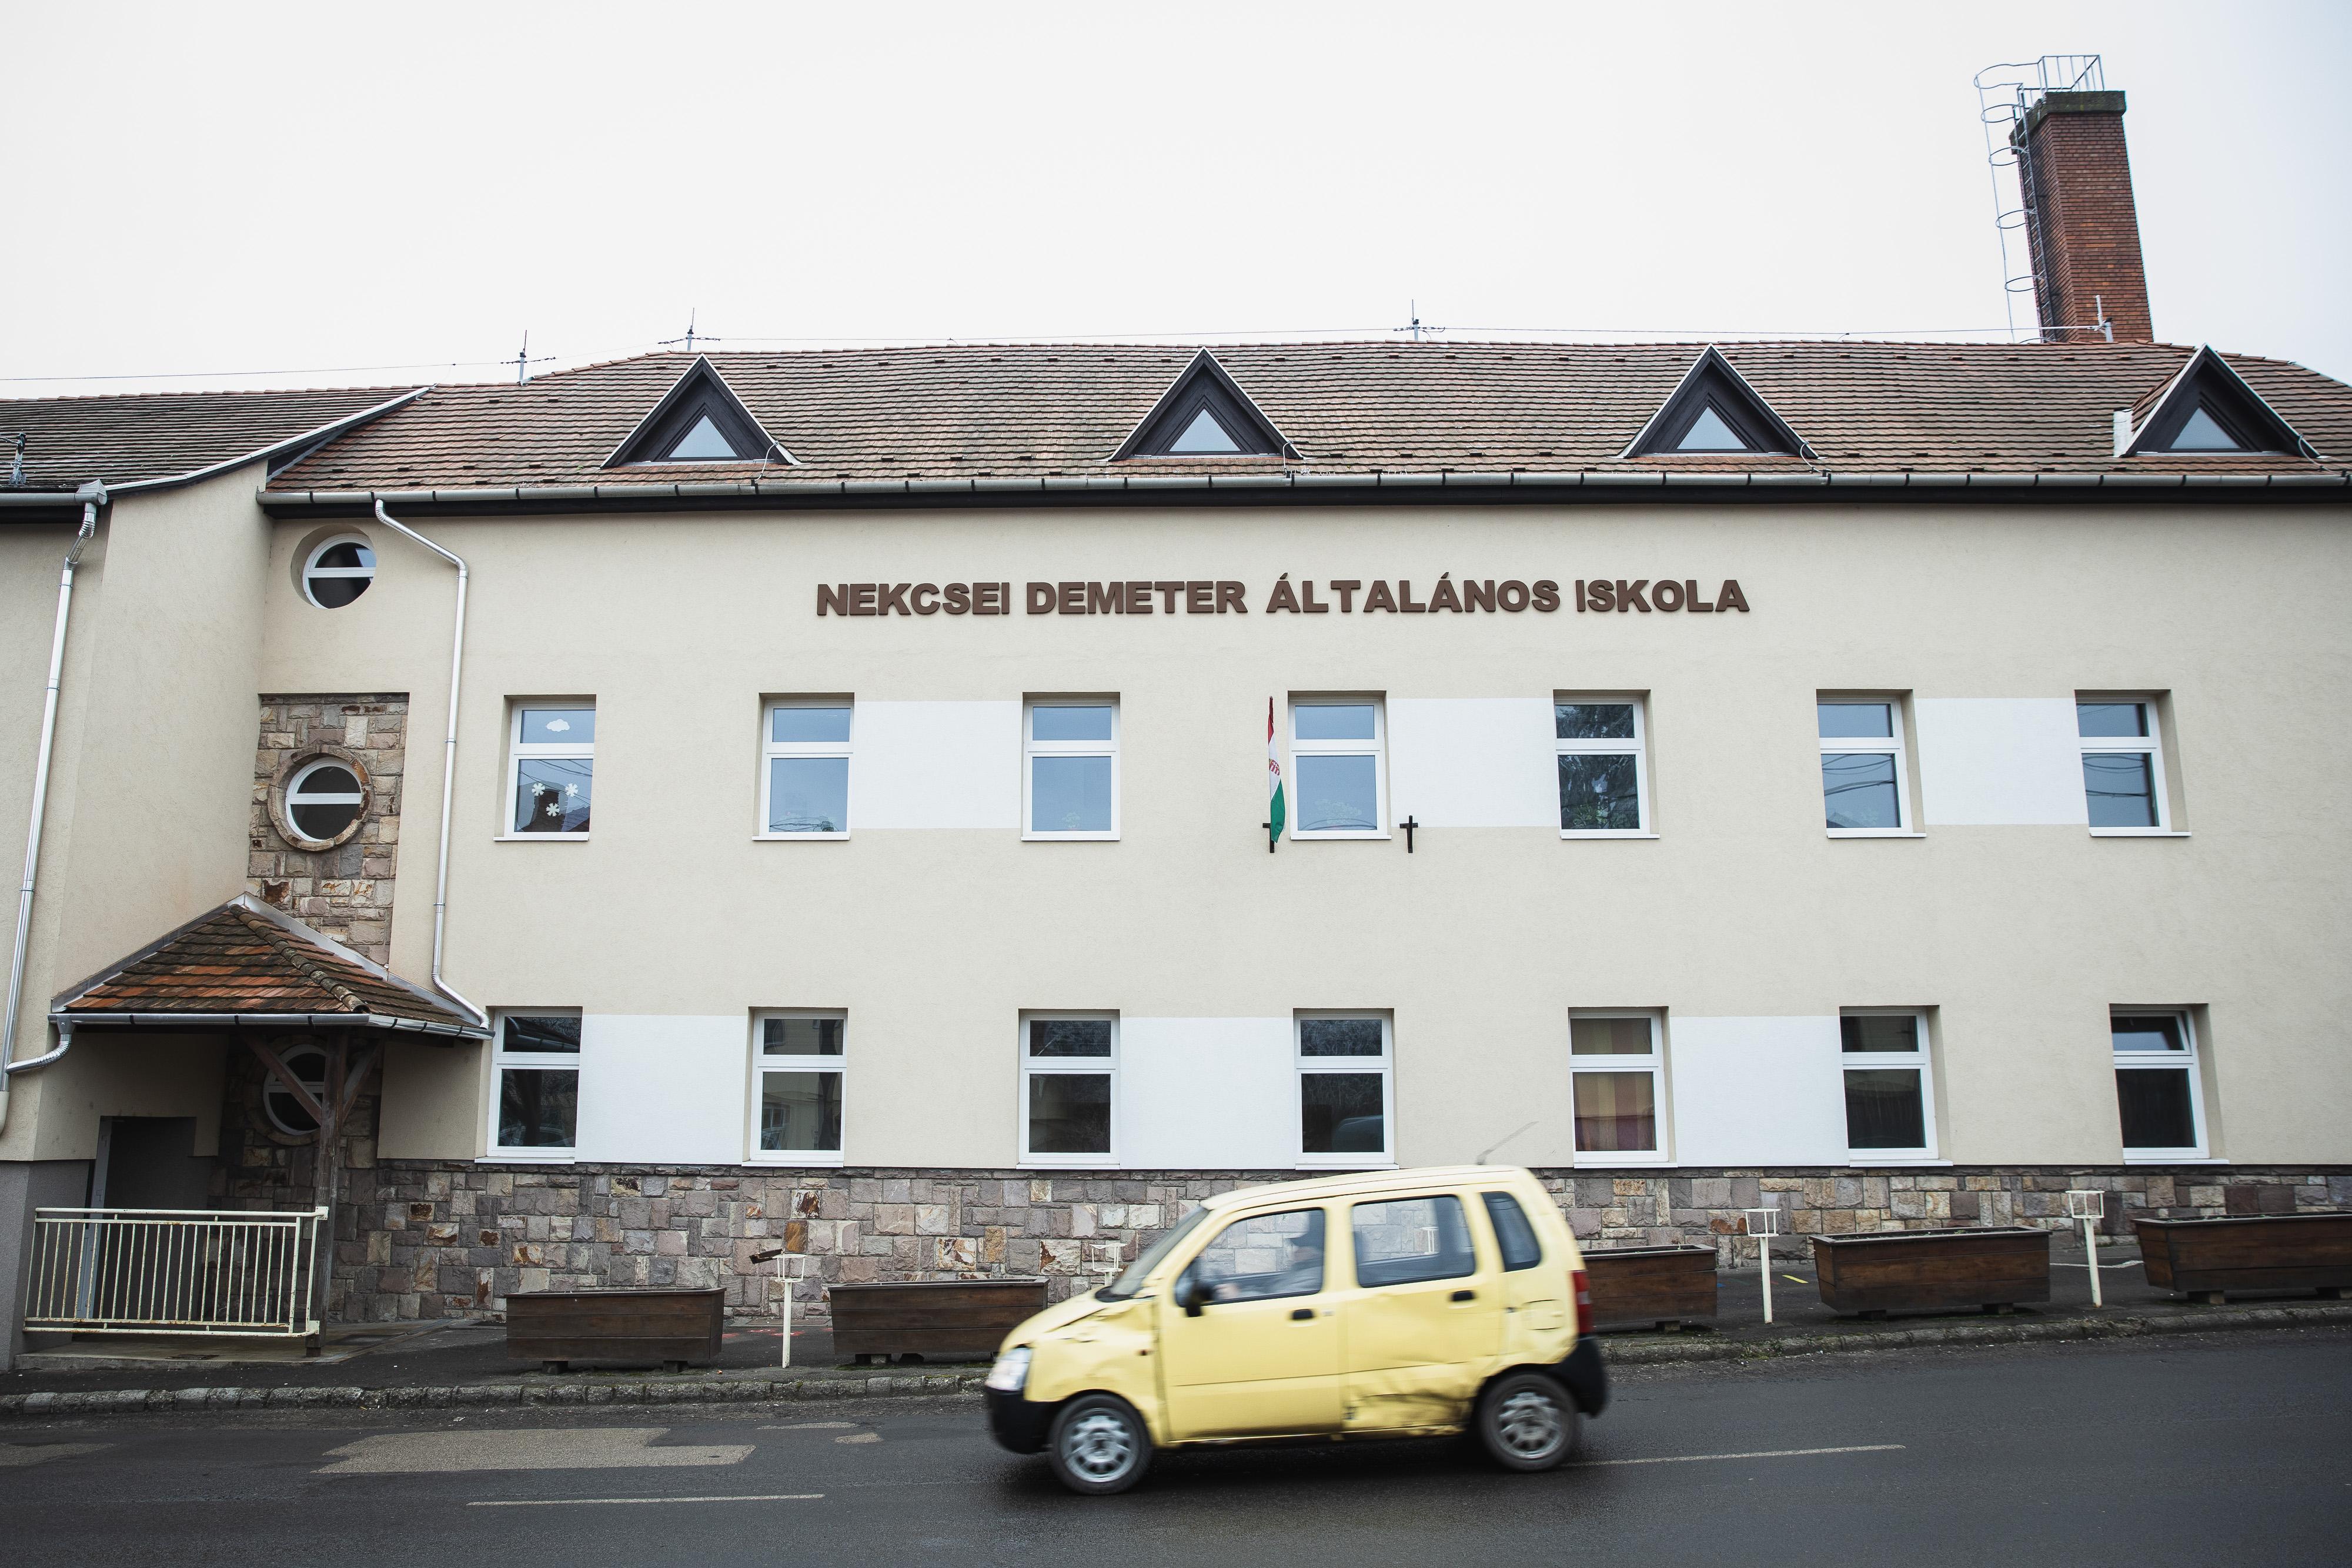 Felfüggesztette az ügyészség a gyöngyöspatai iskola diákját falhoz vágó igazgató elleni vádemelést